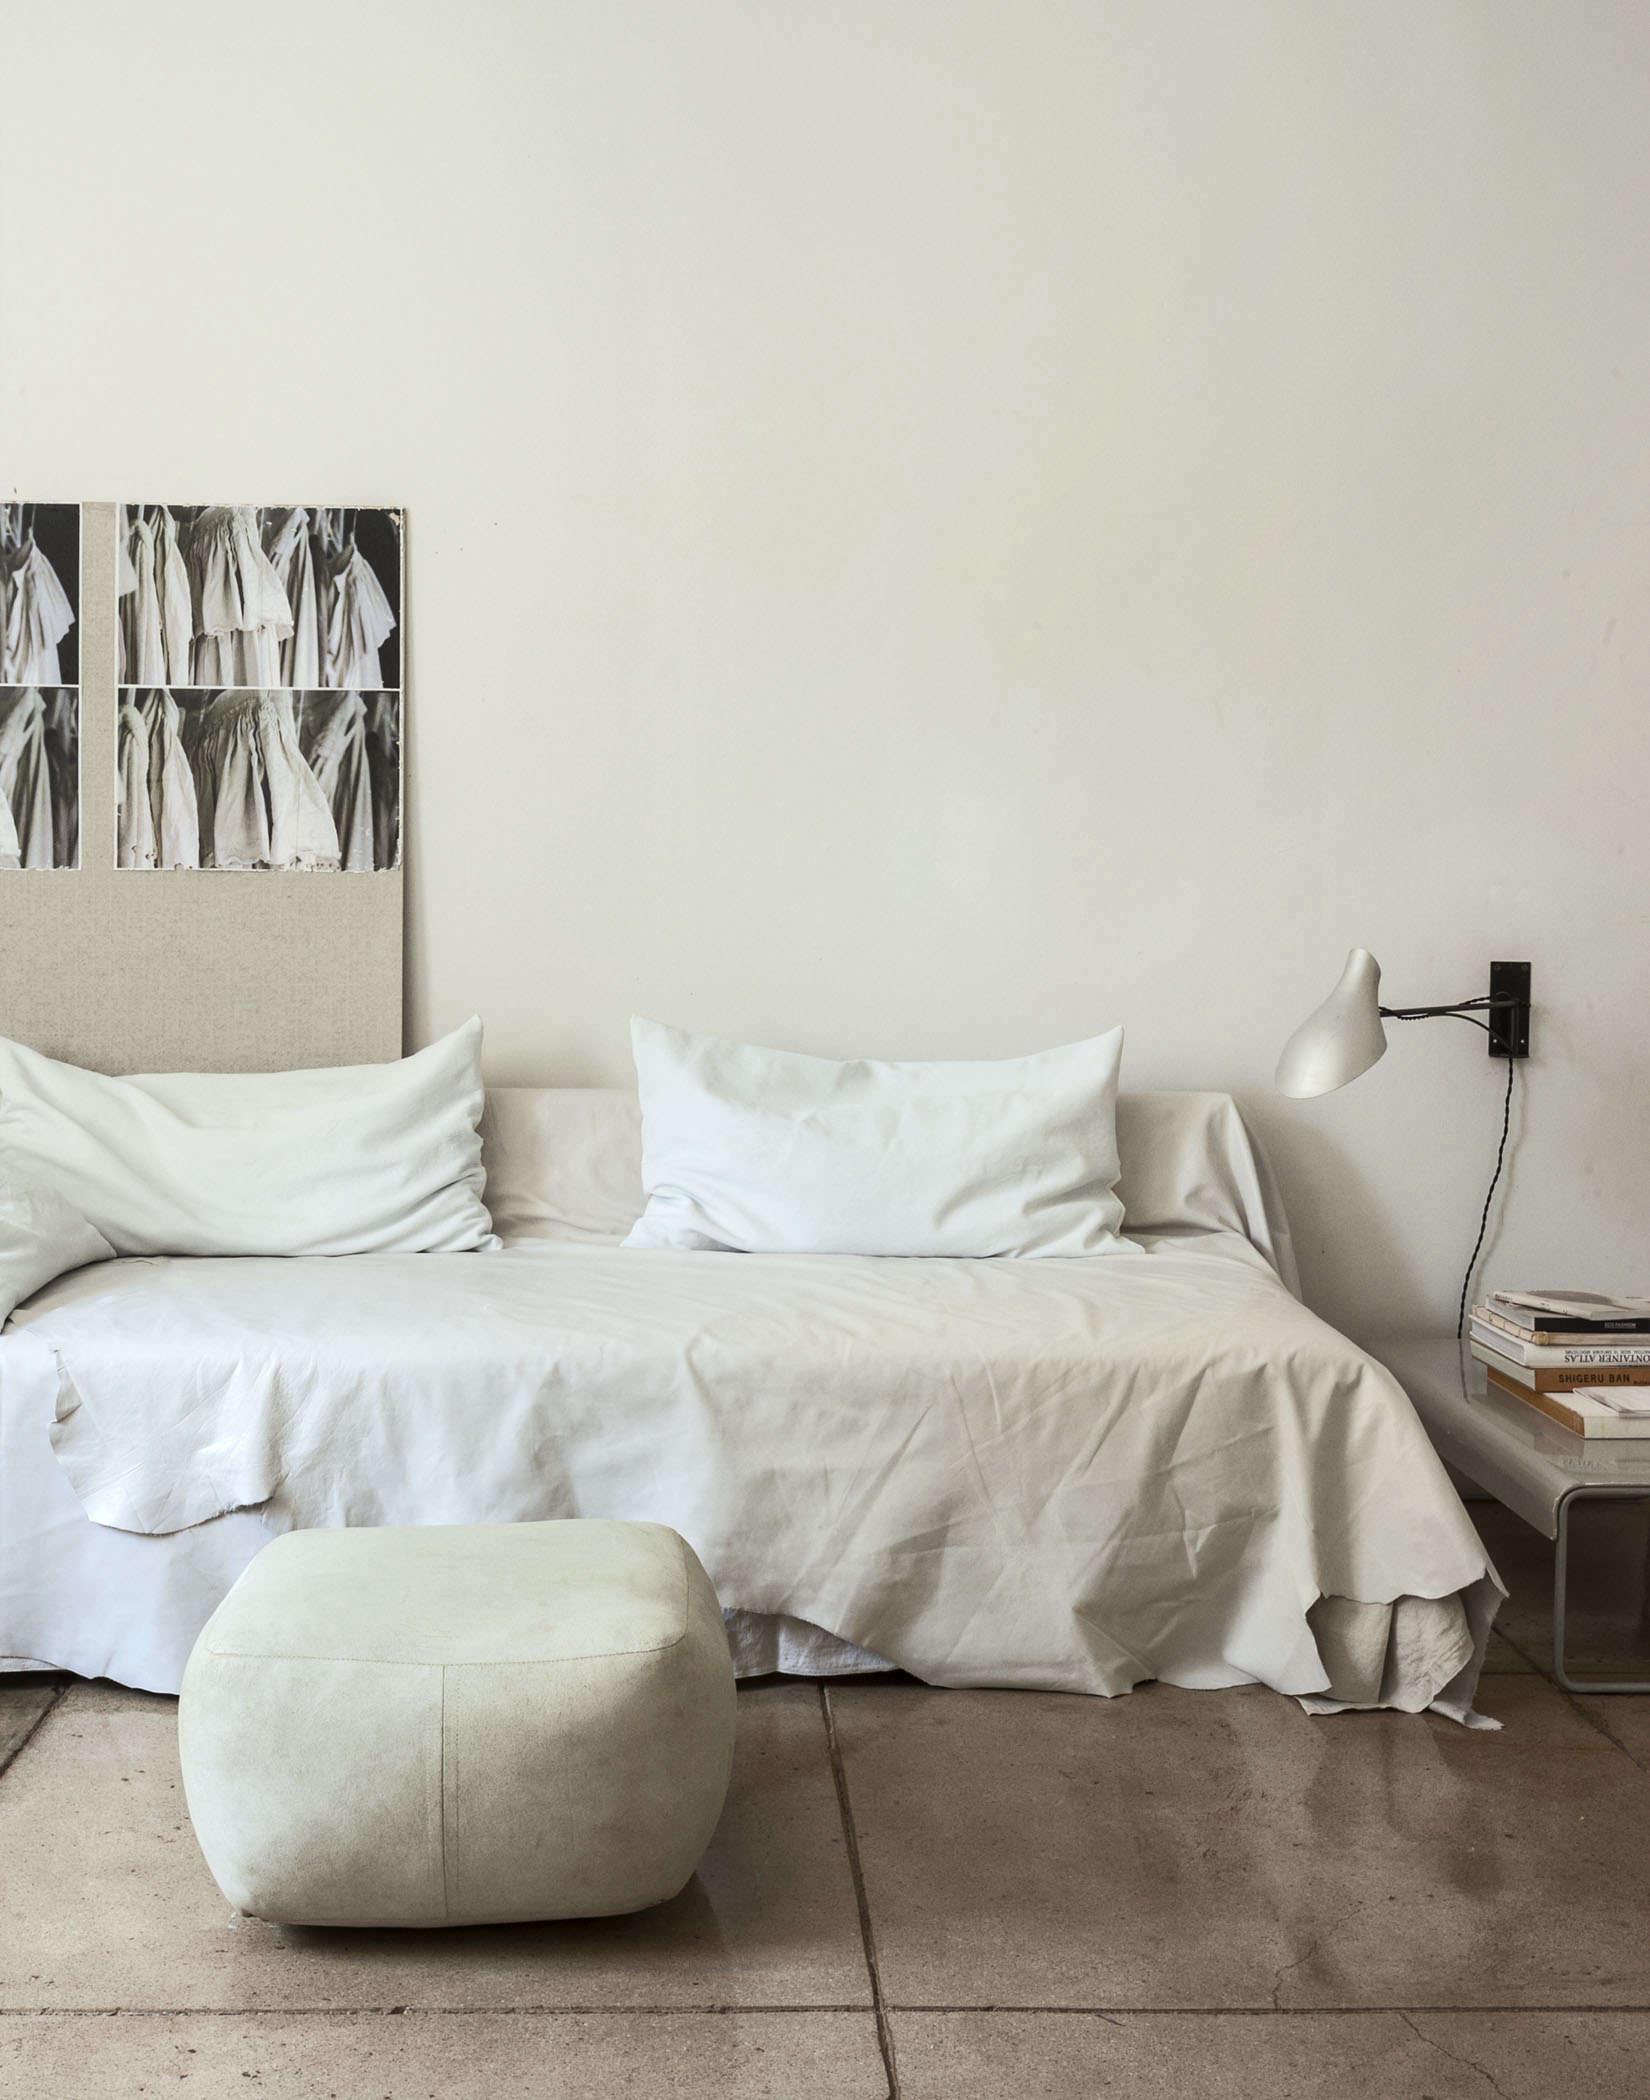 Michaela-Scherrer-guest-room-LA- 2-Remodelista